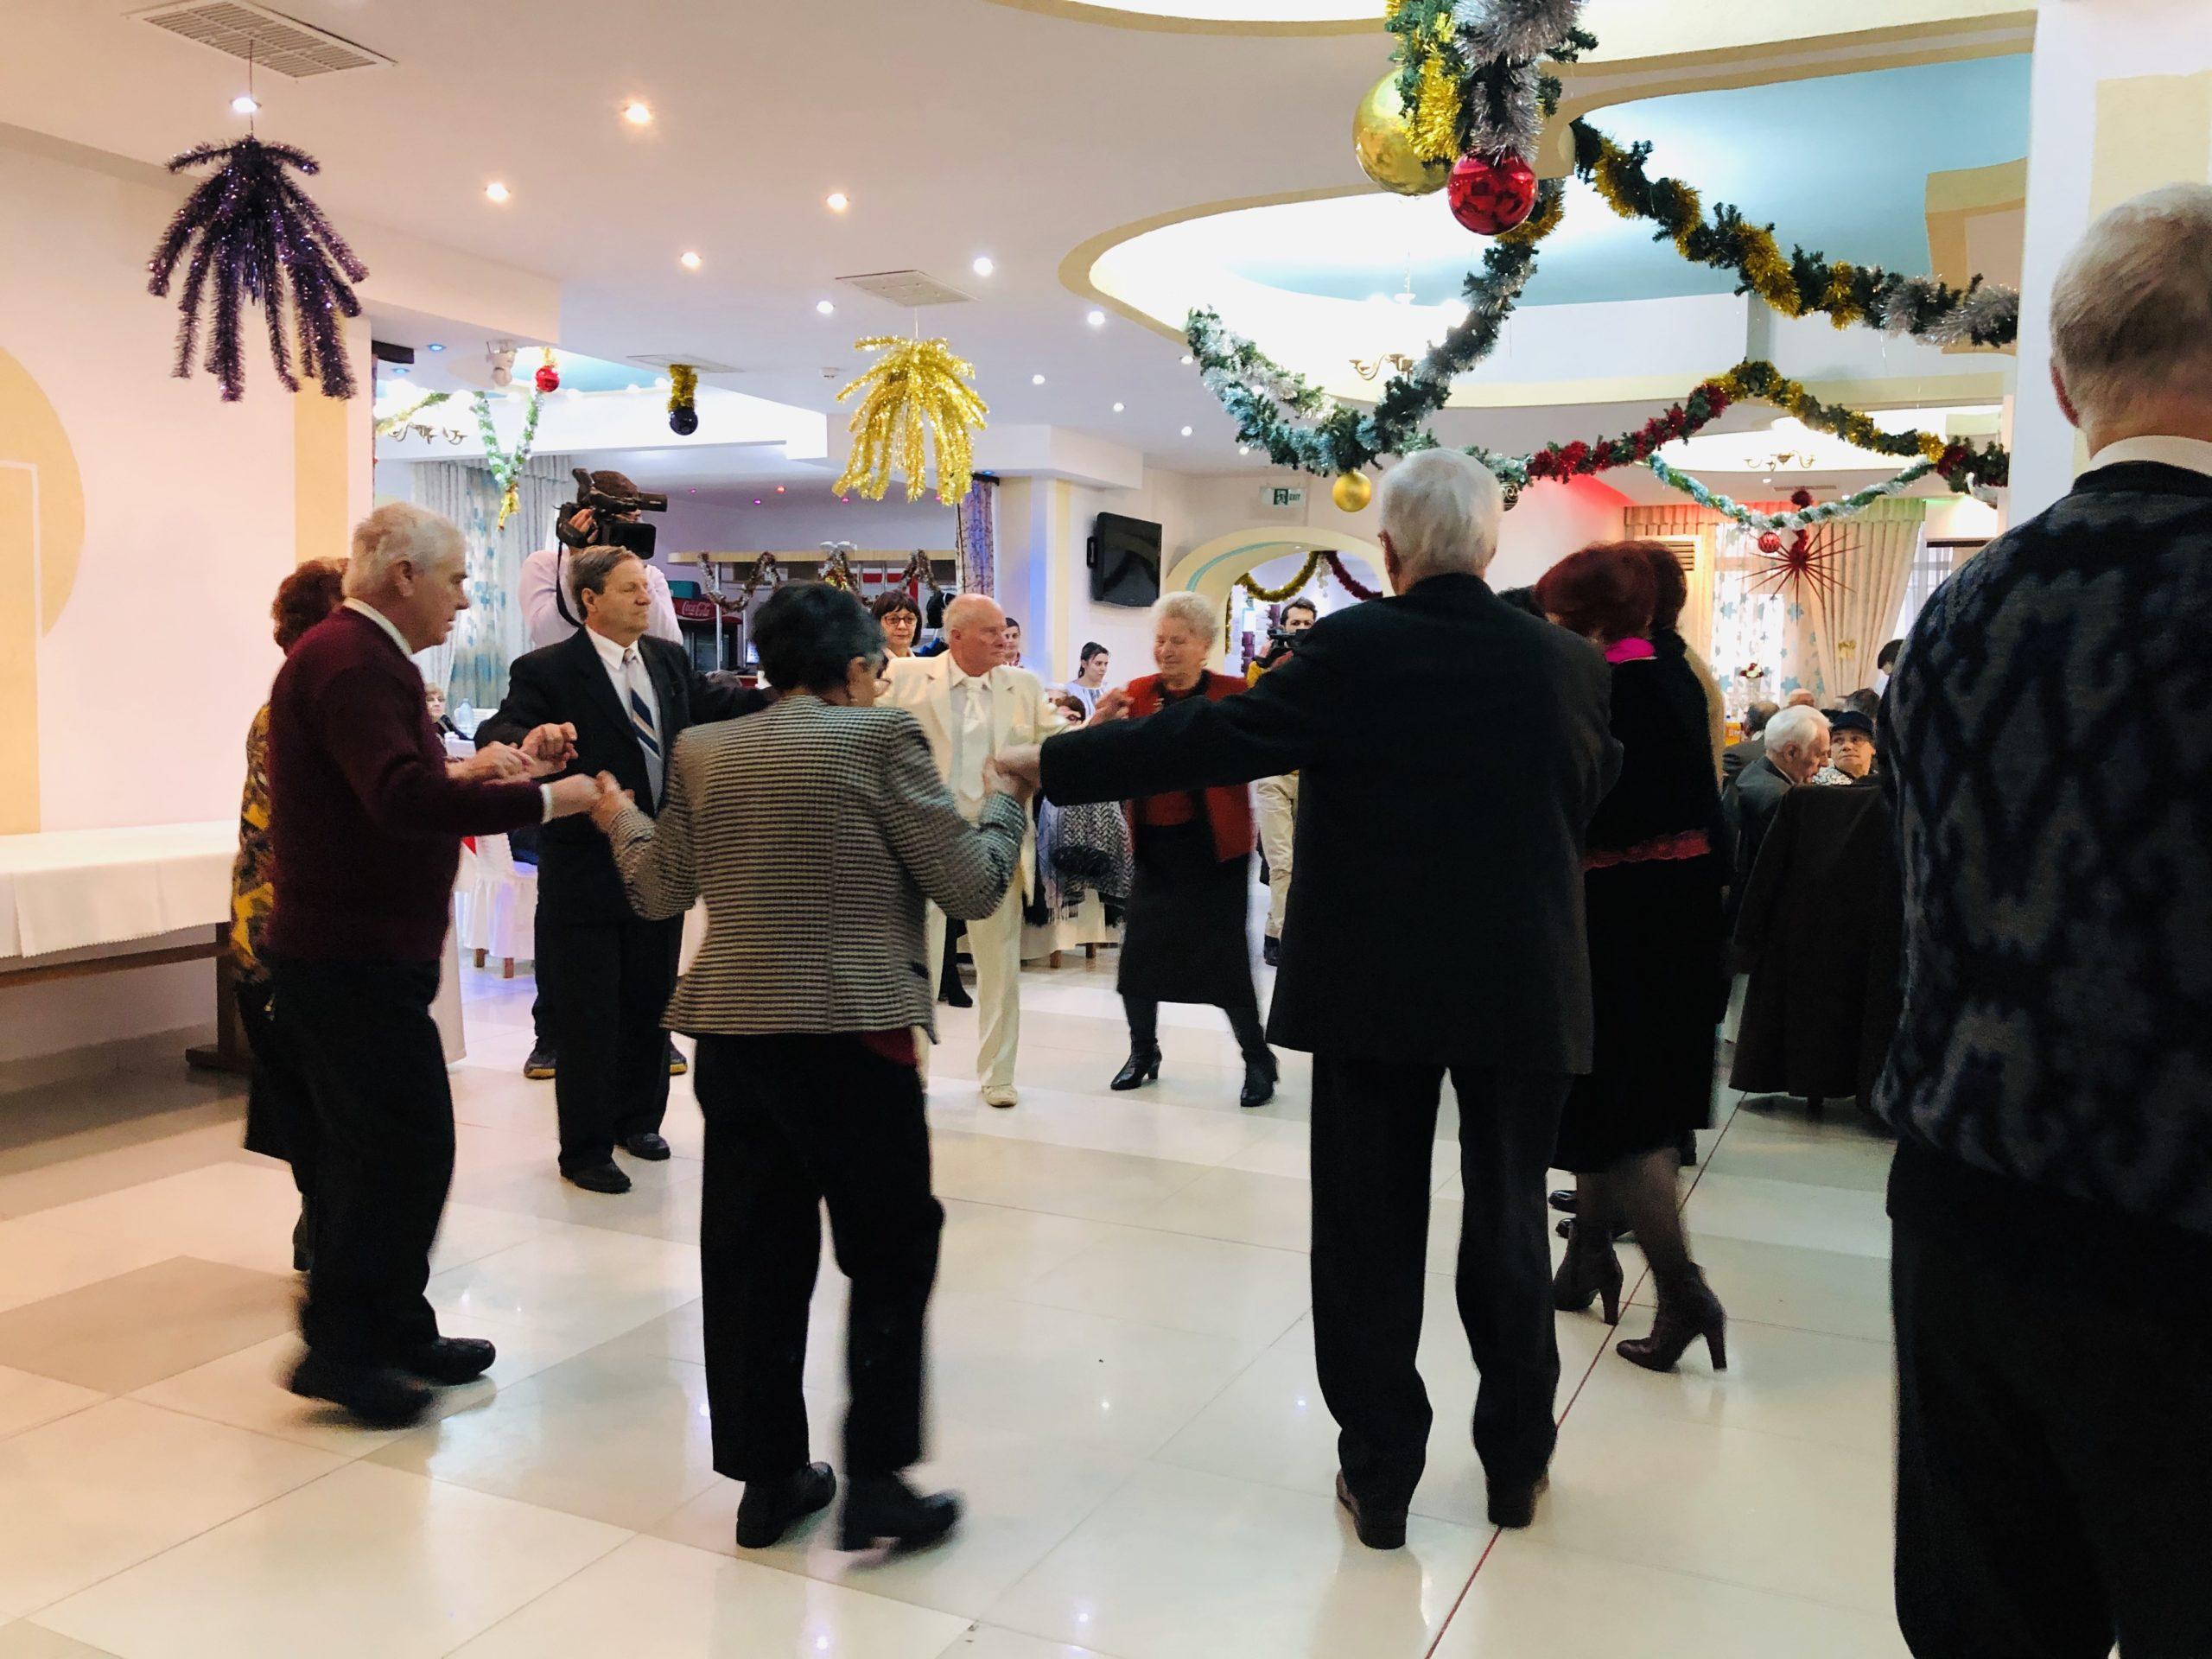 55 de familii din Roman au sărbătorit Nunta de Aur